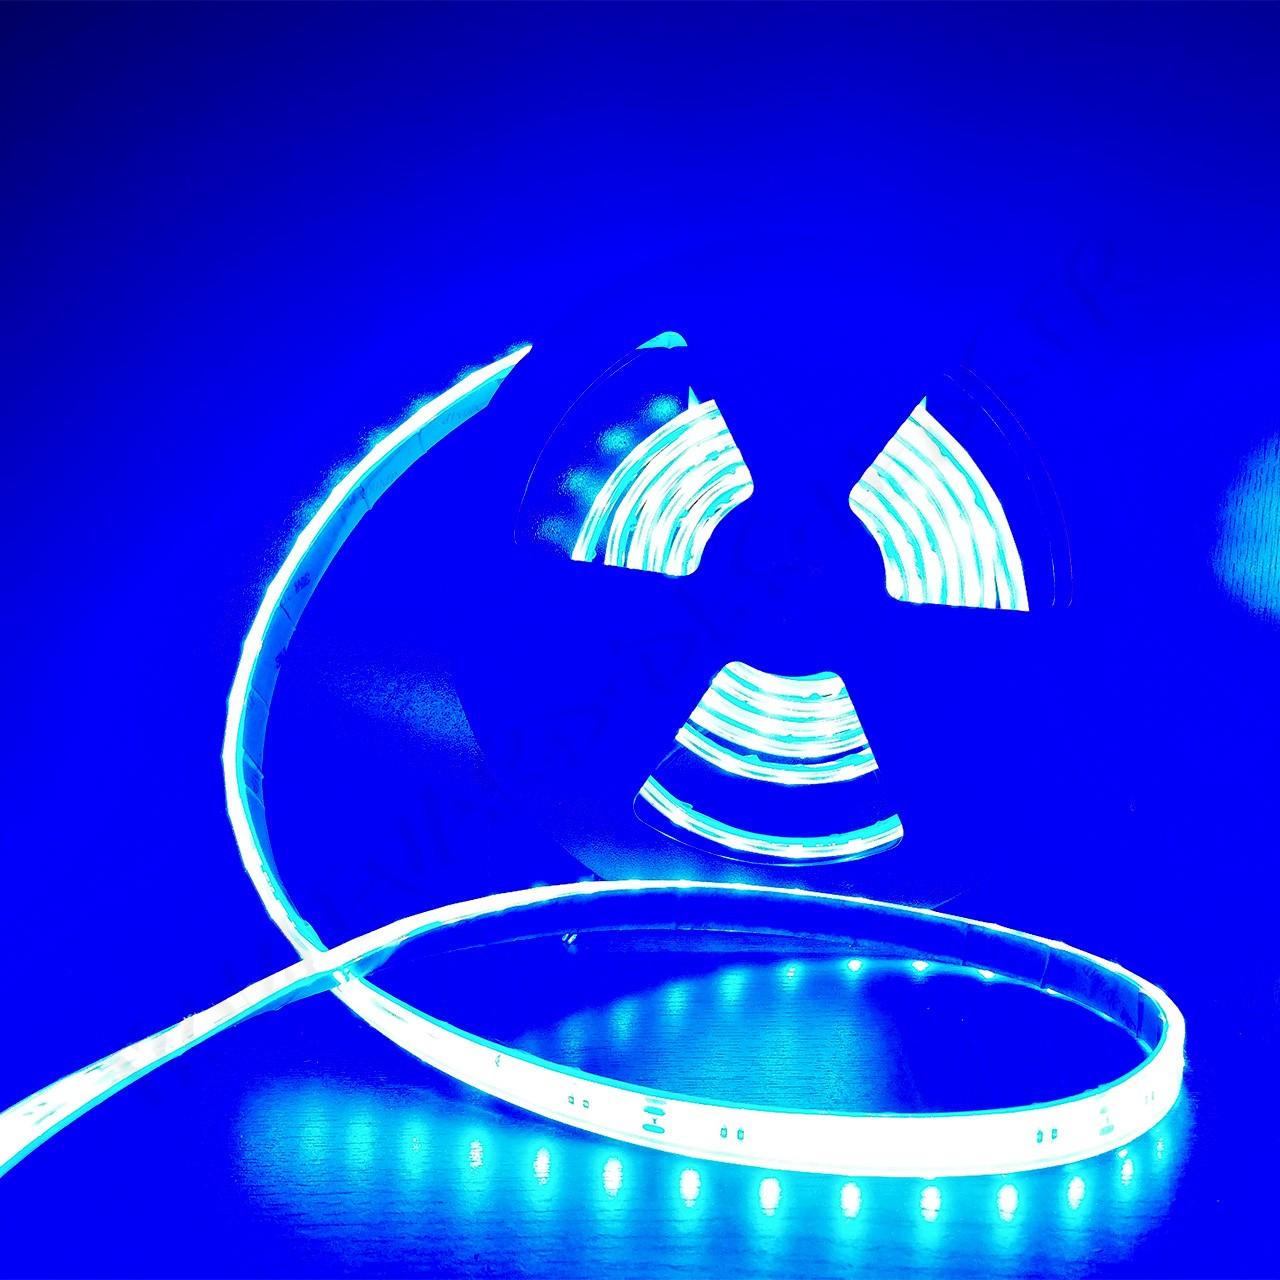 Ruban led exterieur 20m stunning ruban led v ac smd ledm for Ruban led exterieur 20m